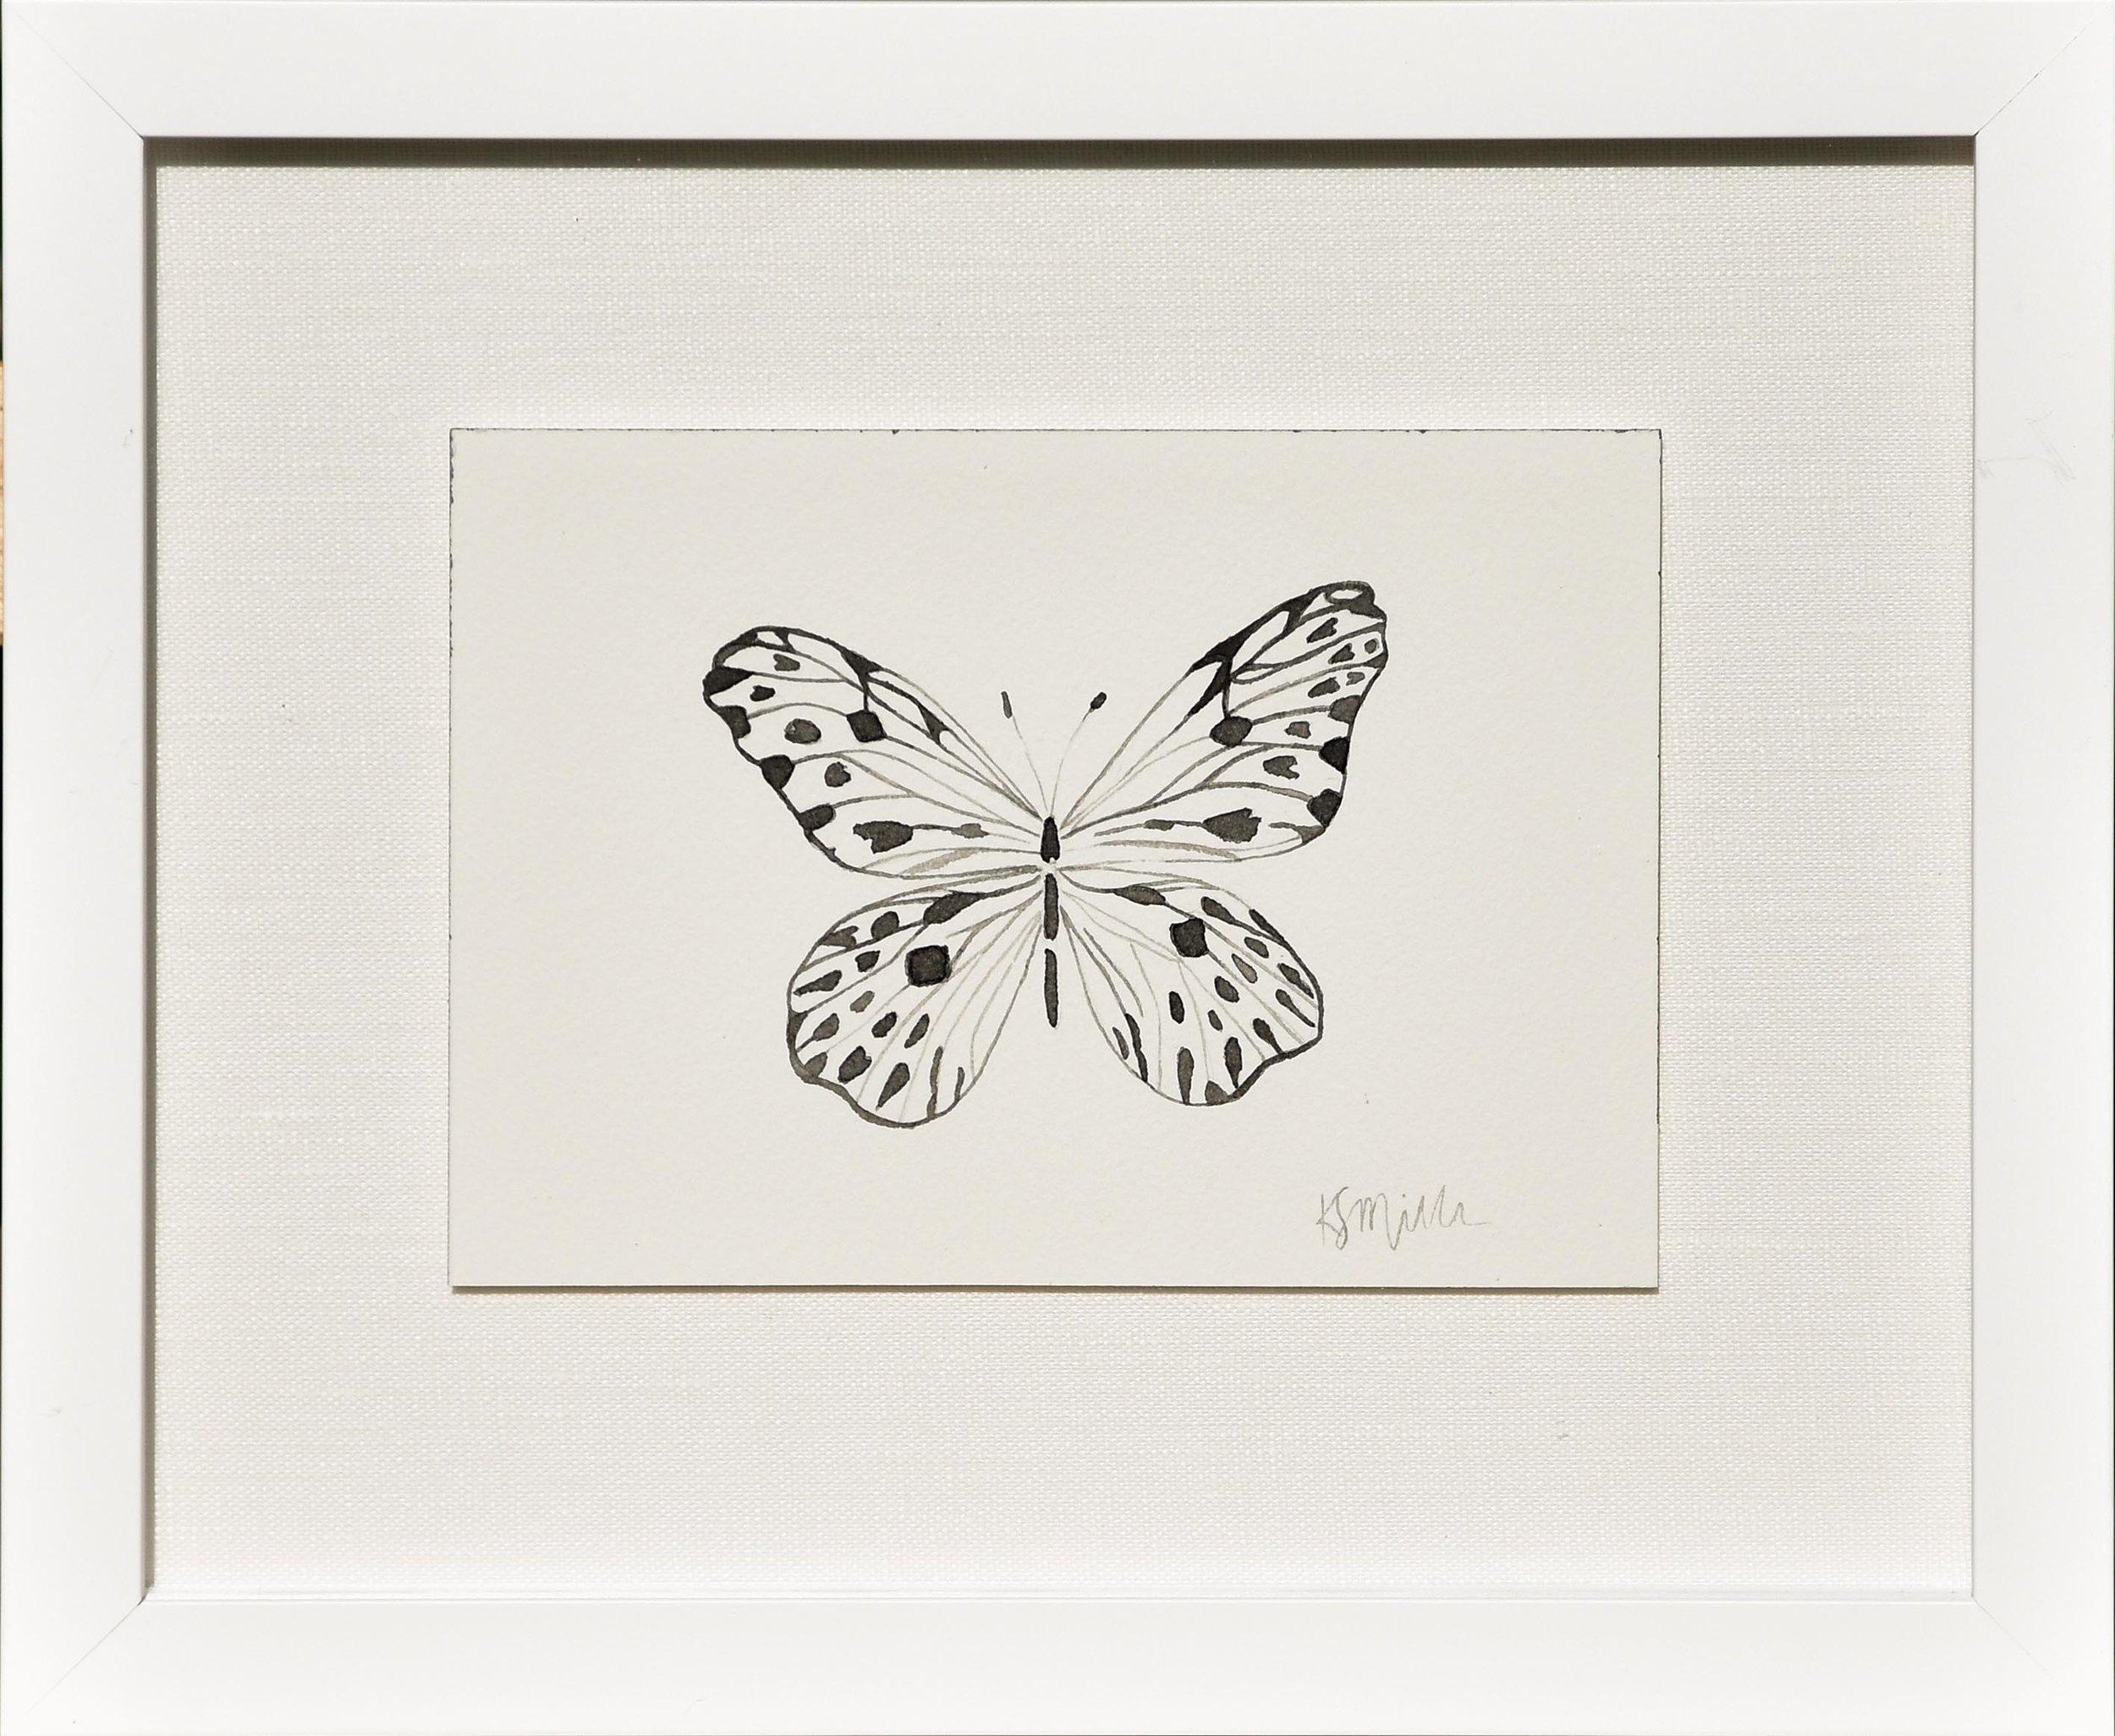 ButterflyStudy_03.jpg